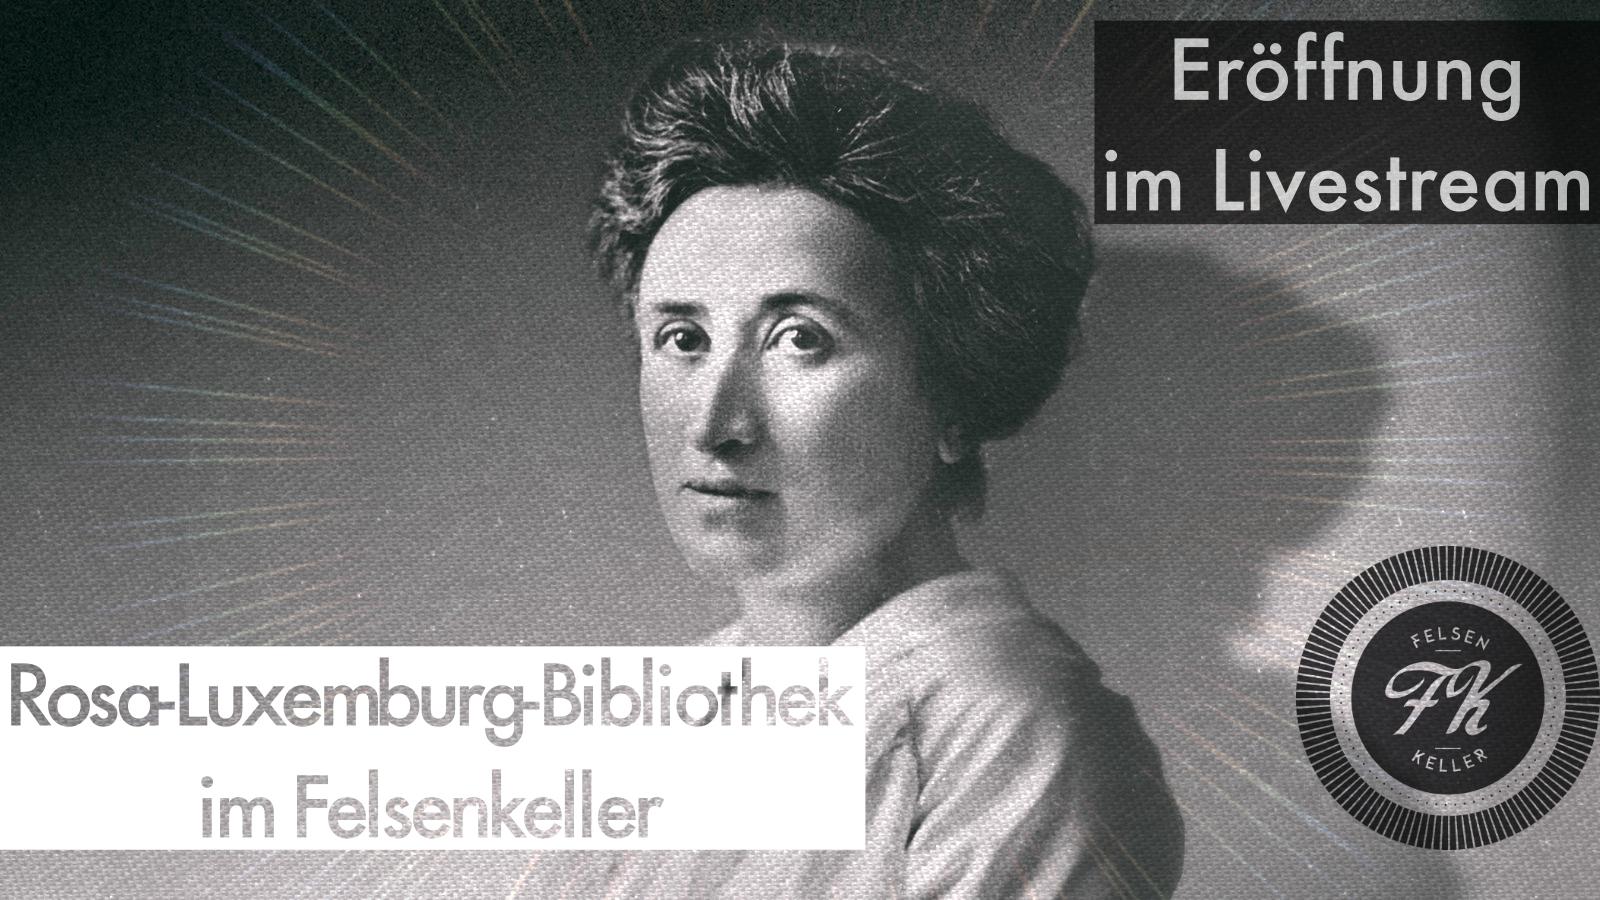 Eröffnung der Rosa-Luxemburg-Bibliothek